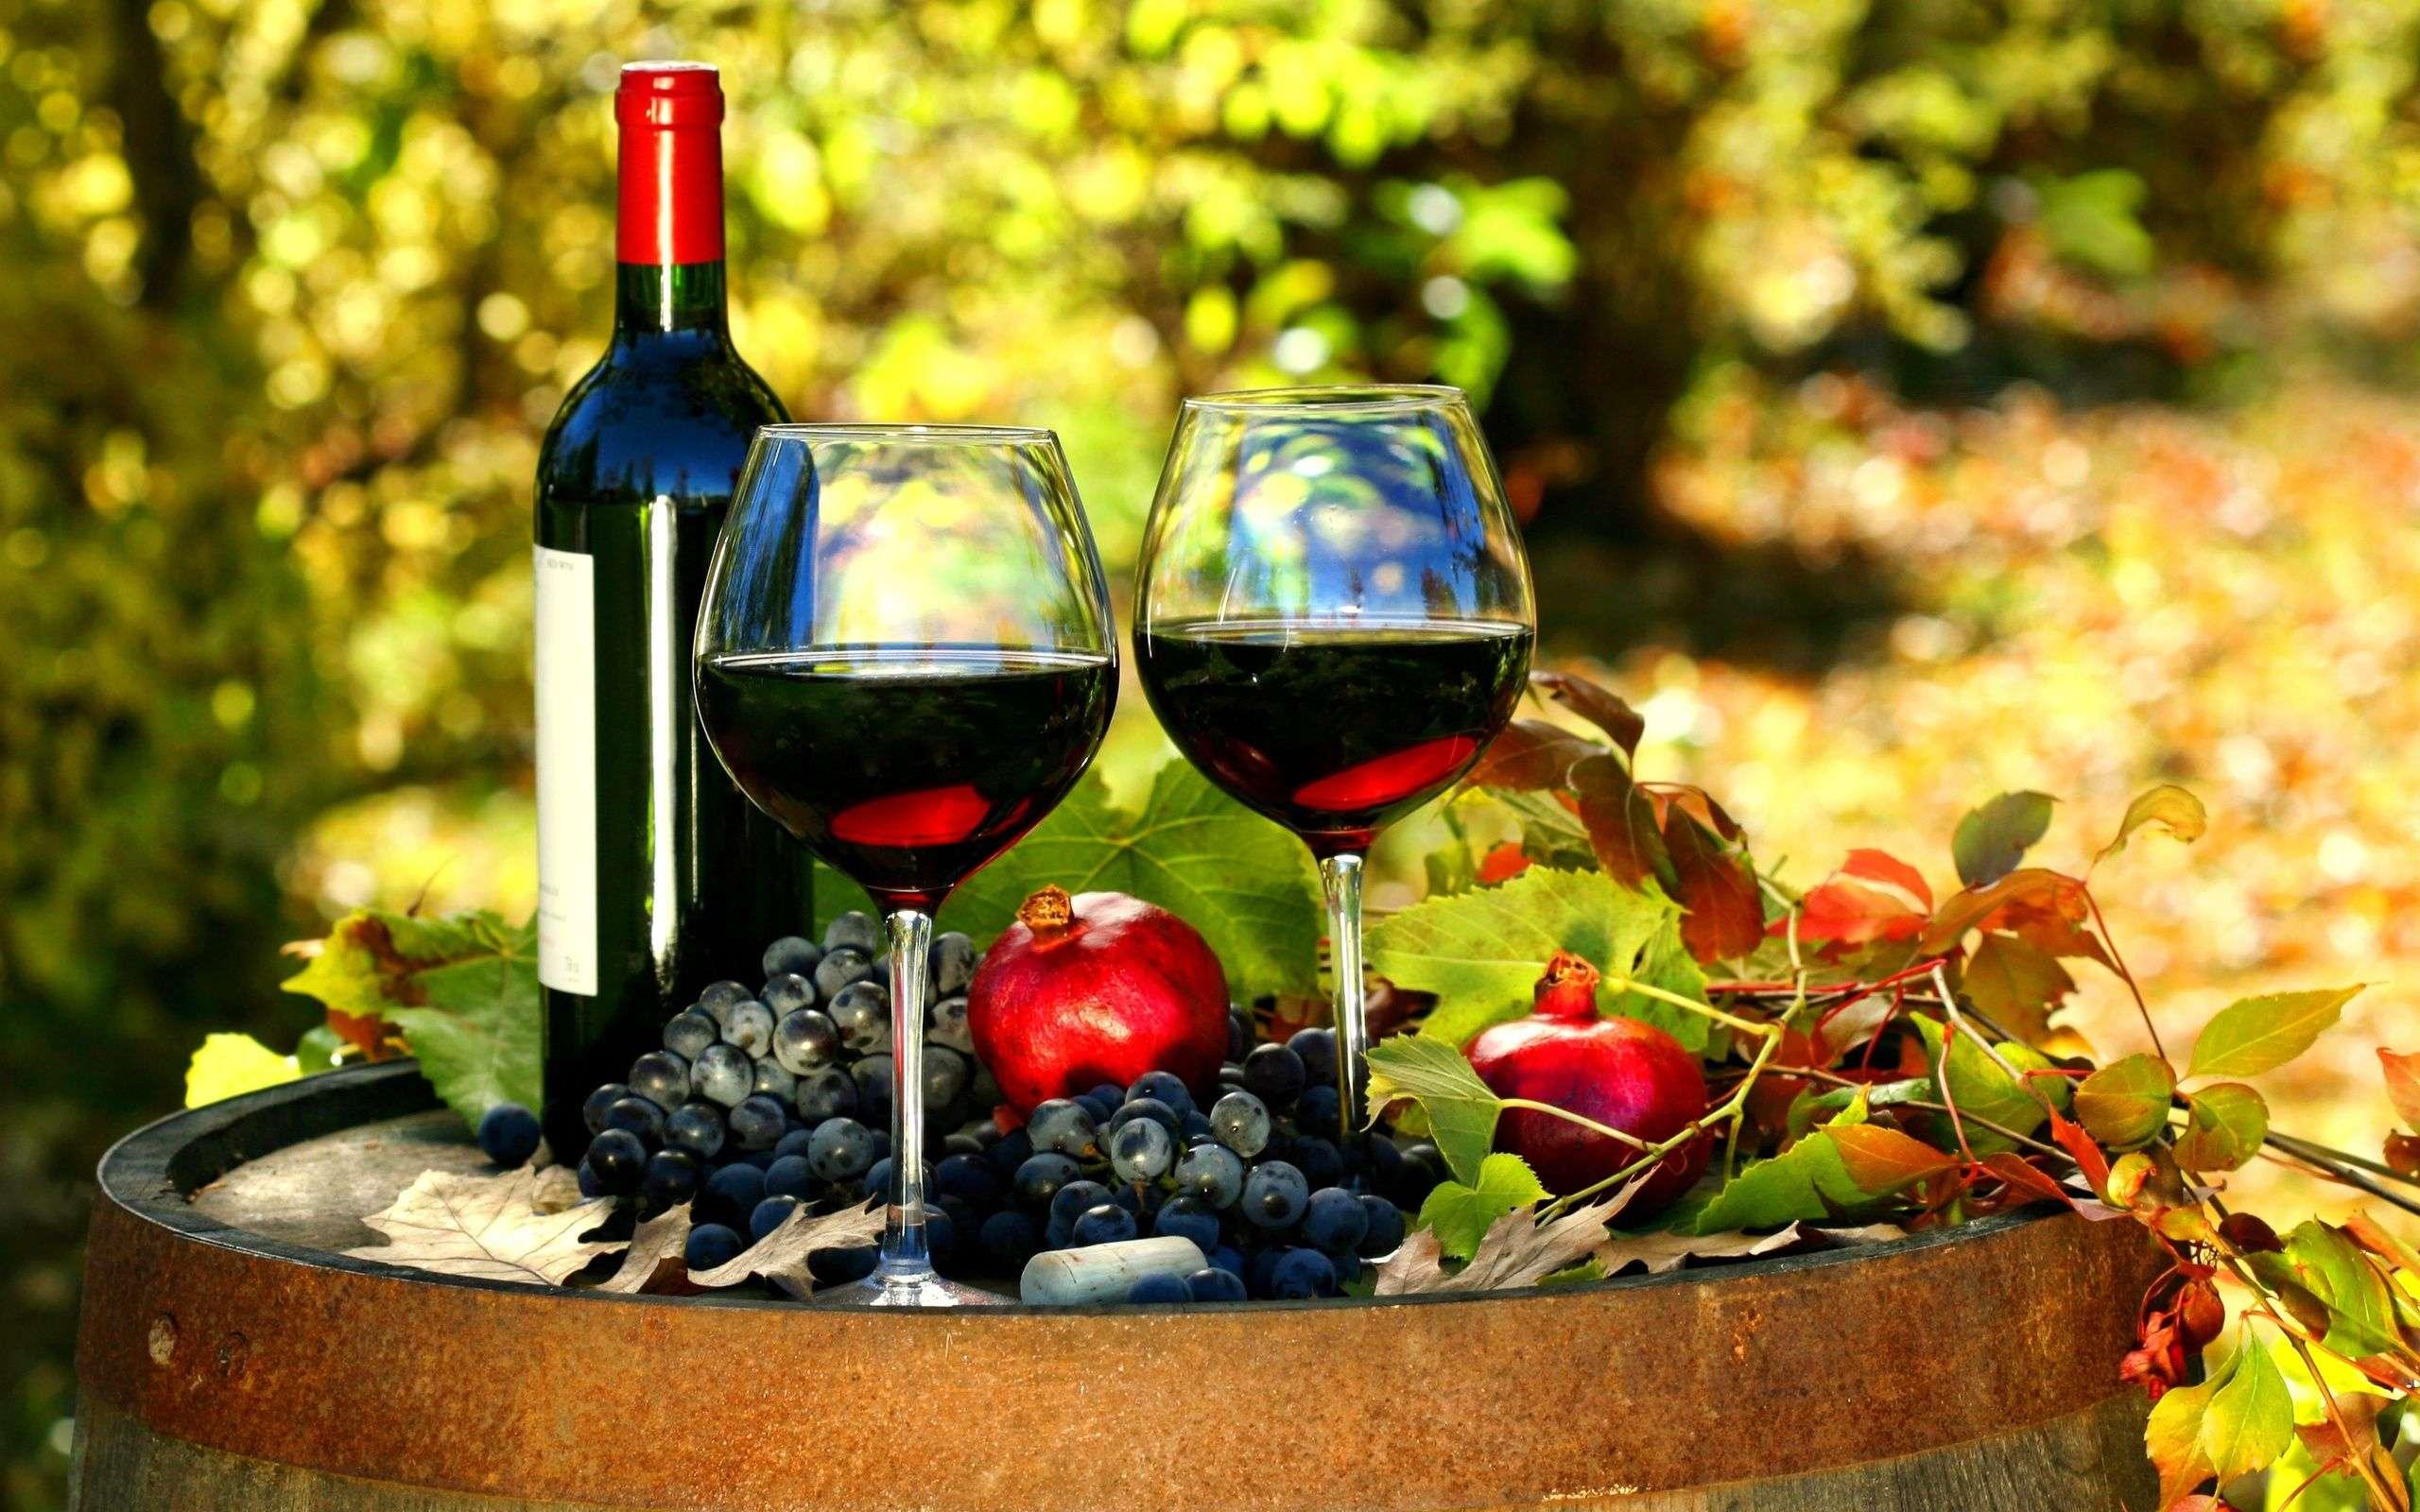 Bạn có thể chọn mua rượu vang làm quà tặng sau chuyến du lịch Pháp